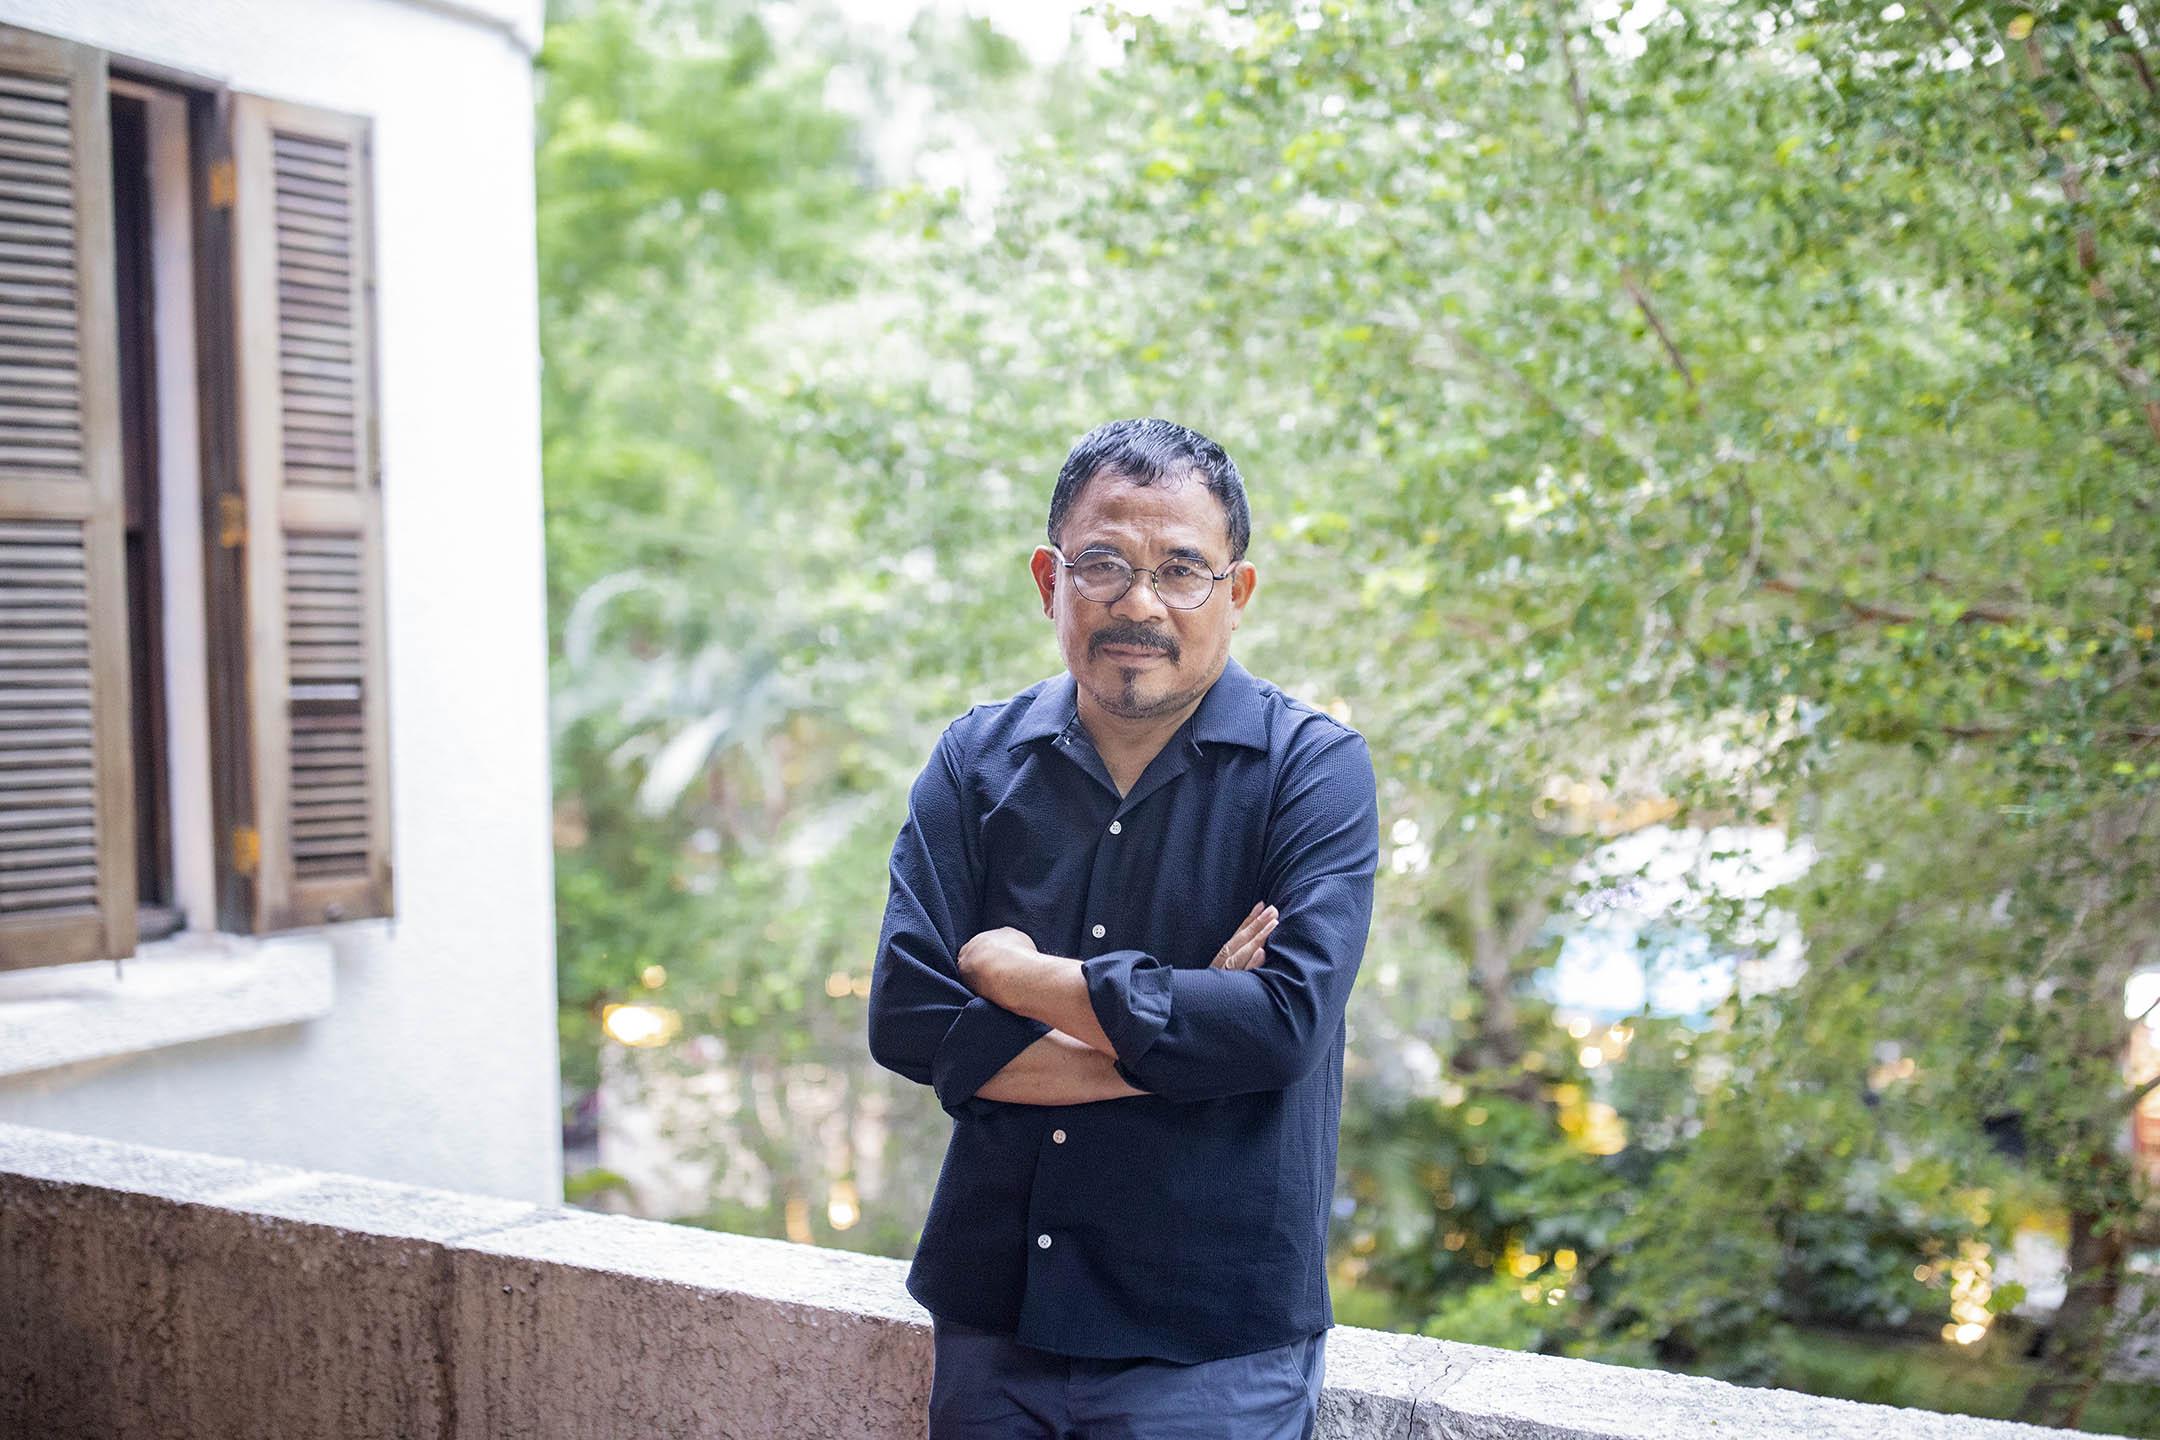 印尼導演嘎林・努戈羅和。 攝:陳焯煇/端傳媒